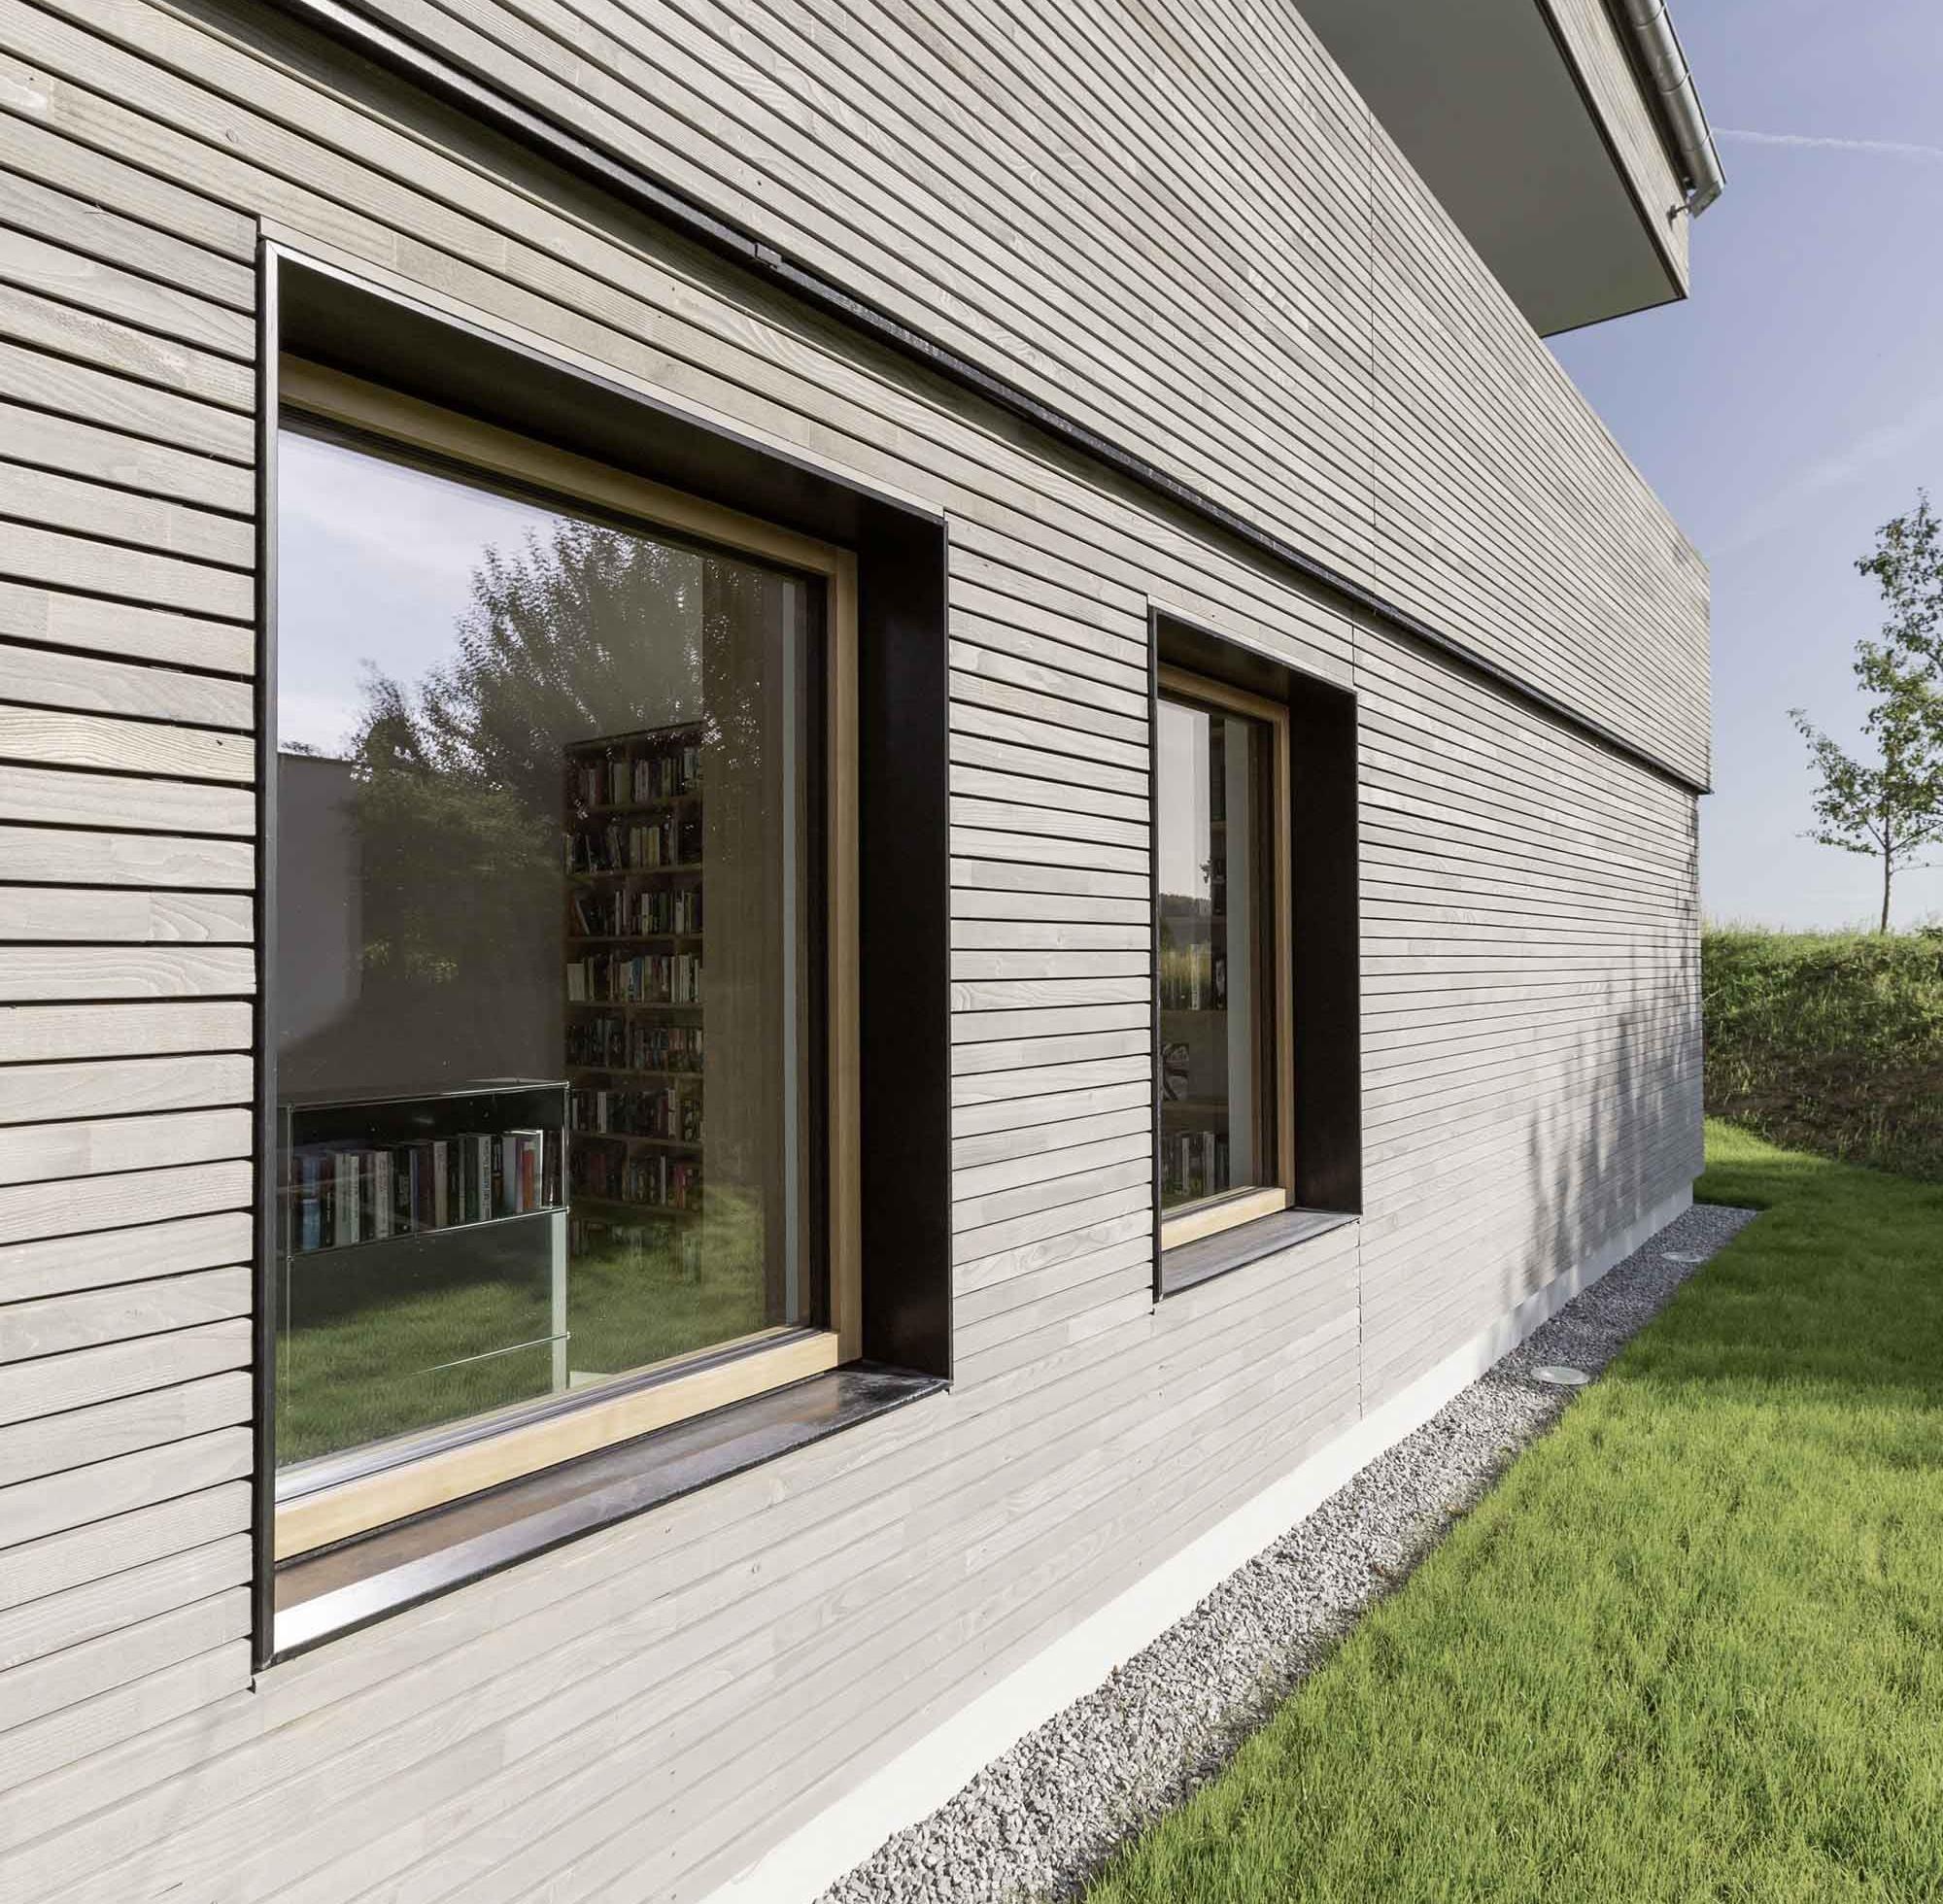 Holzfassade Urban Style – HolzLand Verbeek